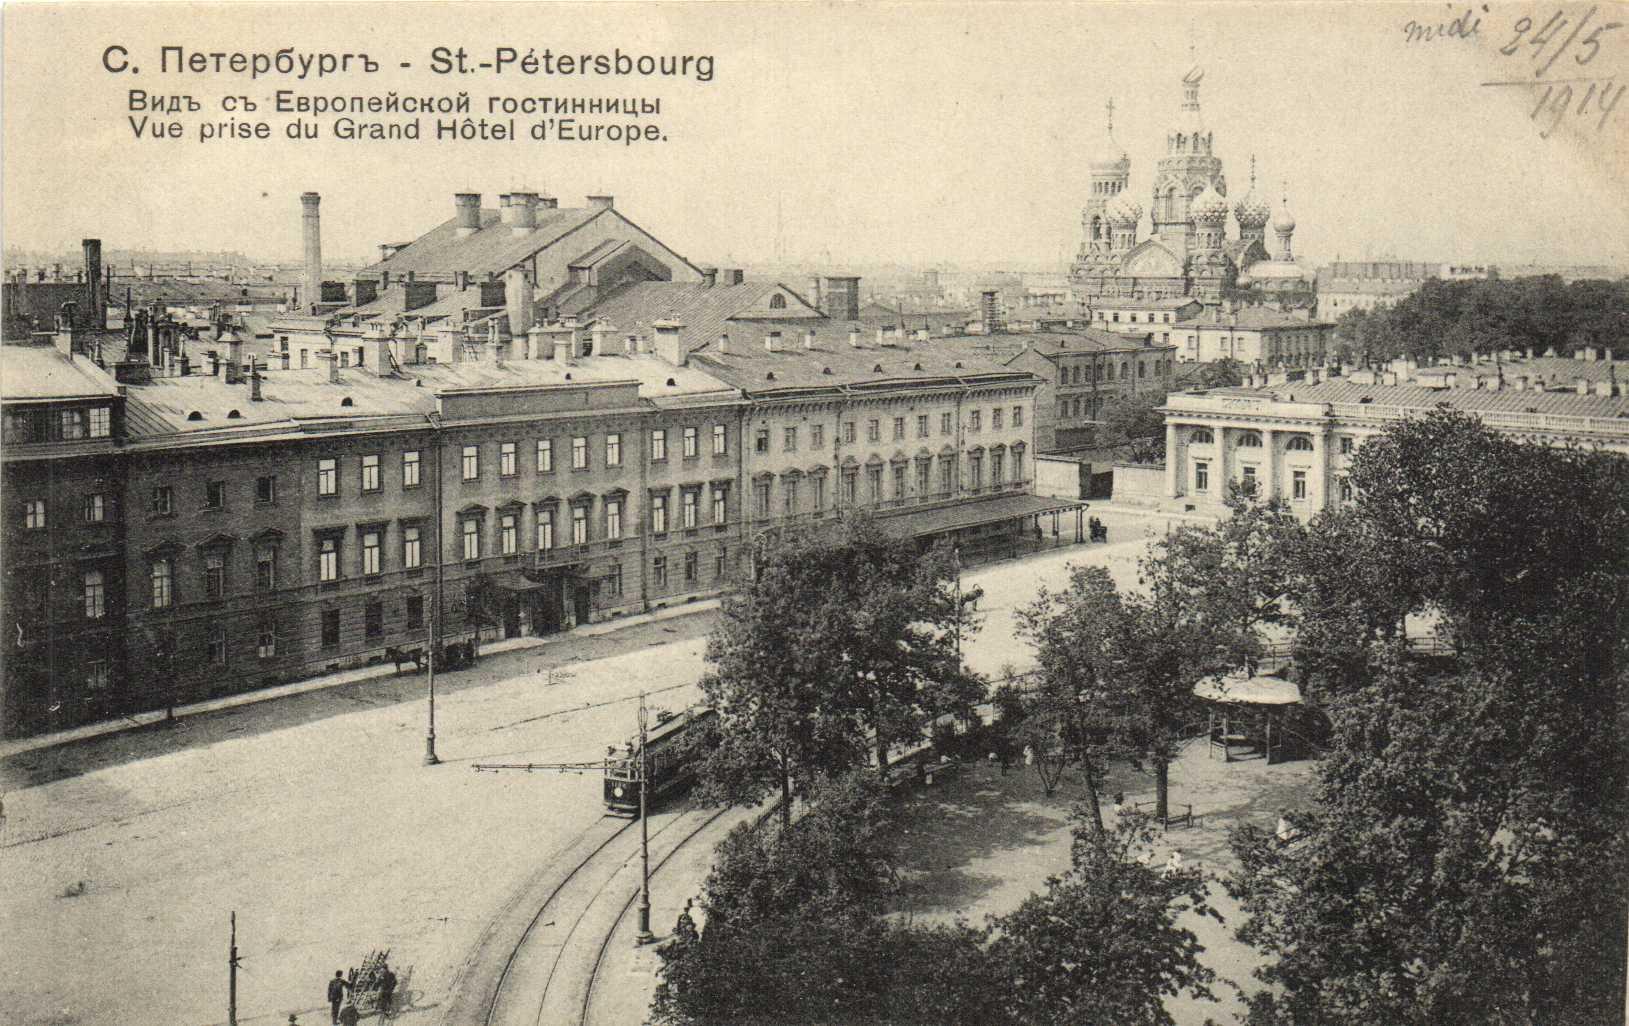 Вид с Европейской гостиницы